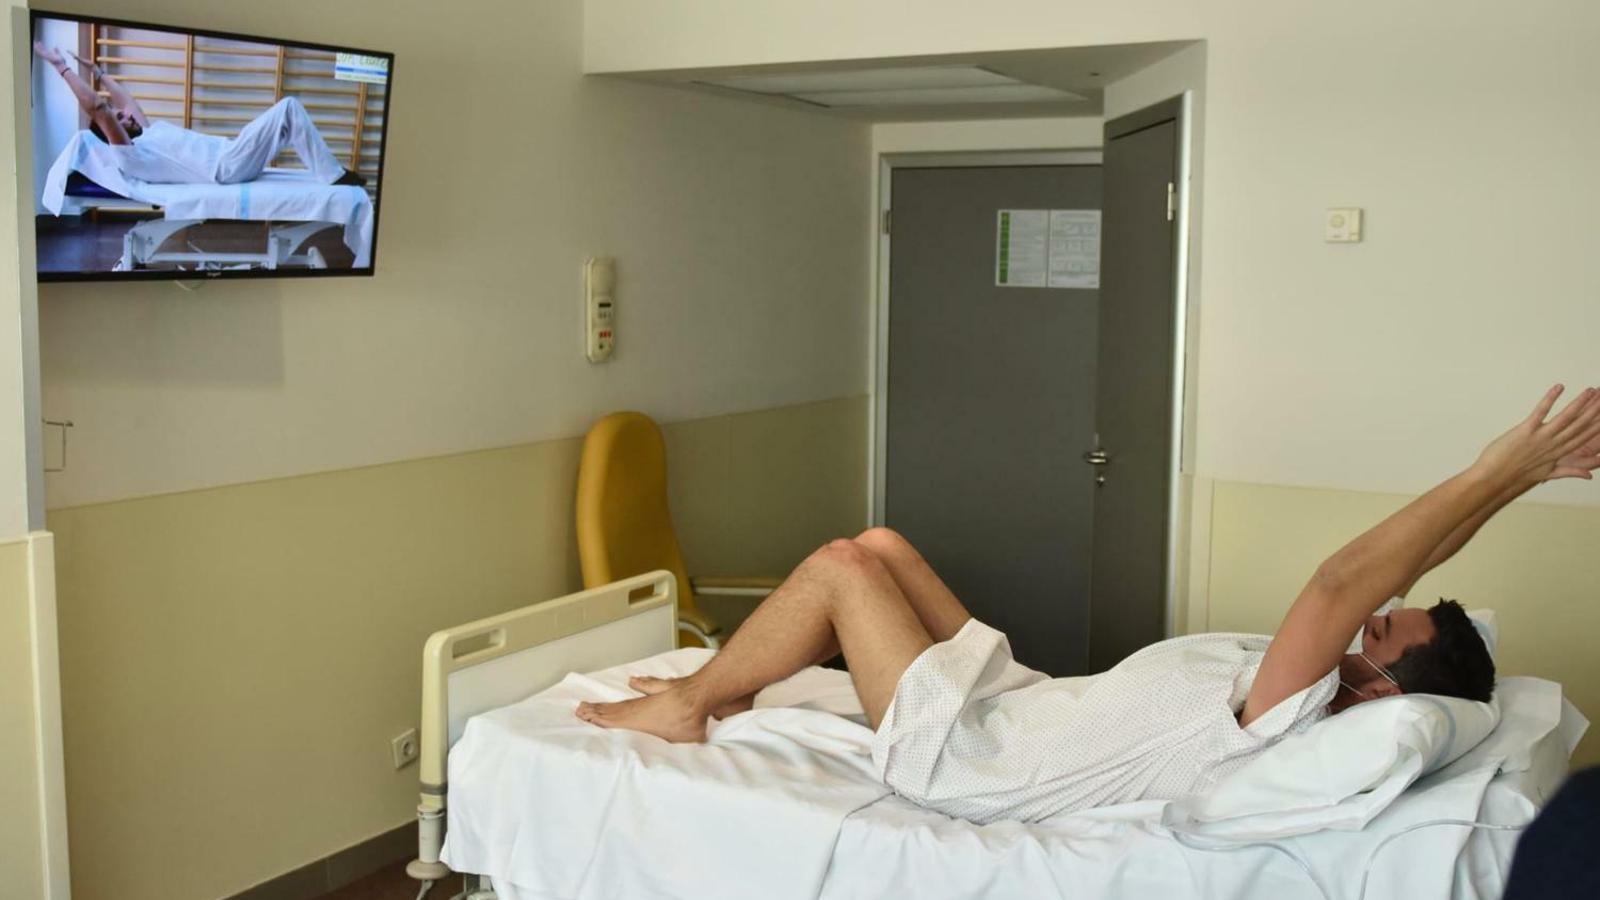 Son Llàtzer crea un programa de rehabilitació per a pacients amb coronavirus a través dels televisors